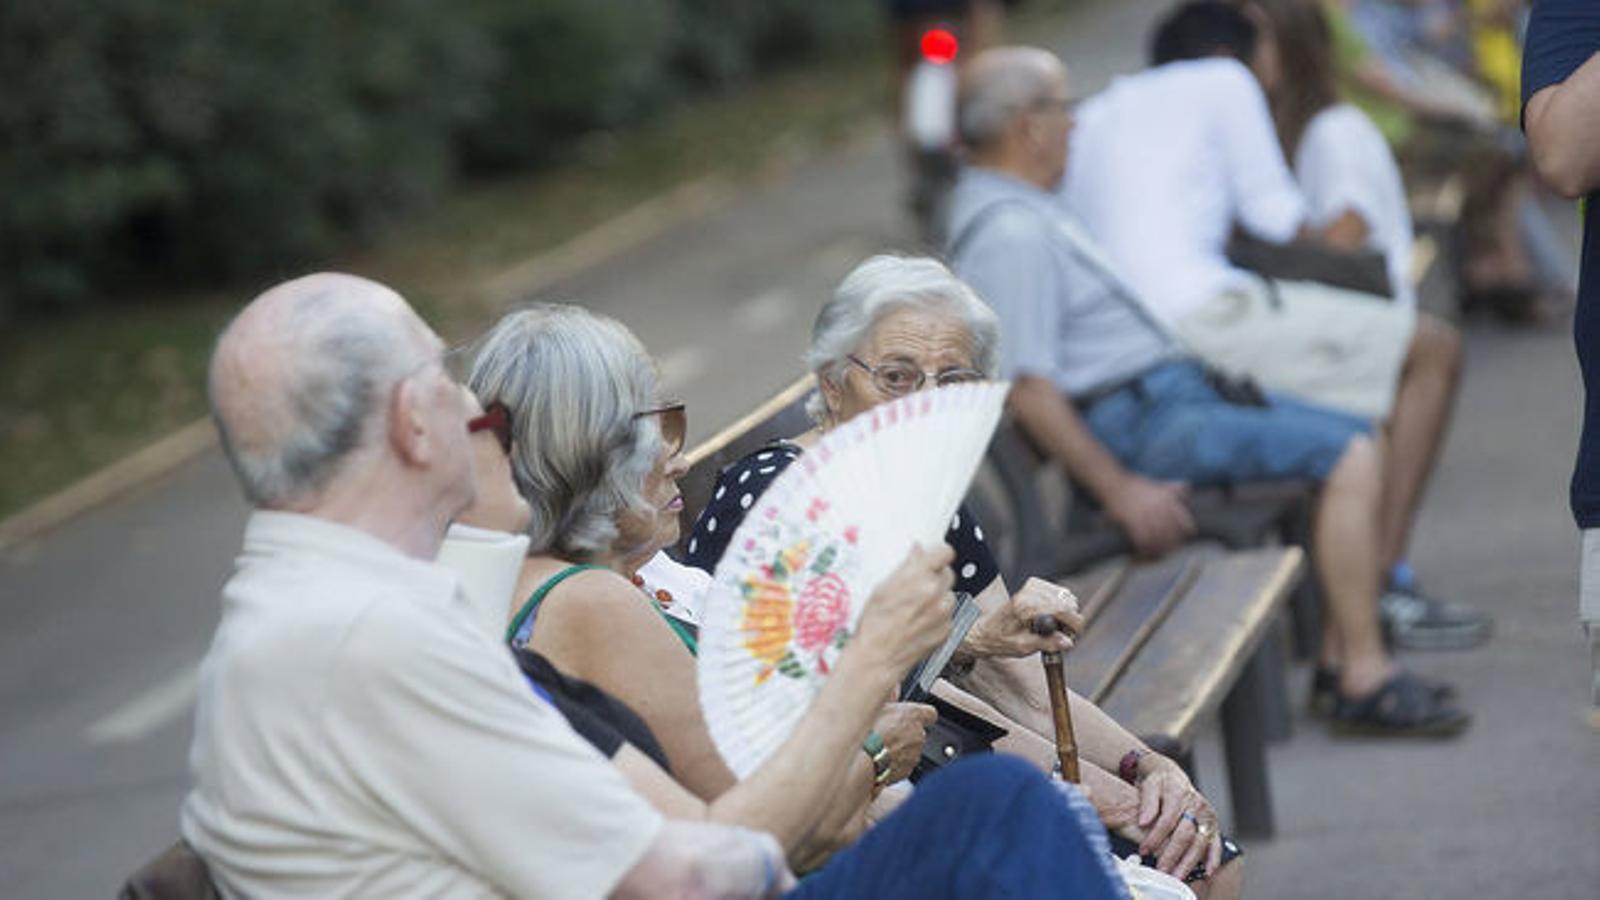 L'edat per cobrar el 100% de la jubilació s'eleva als 65 anys i 8 mesos